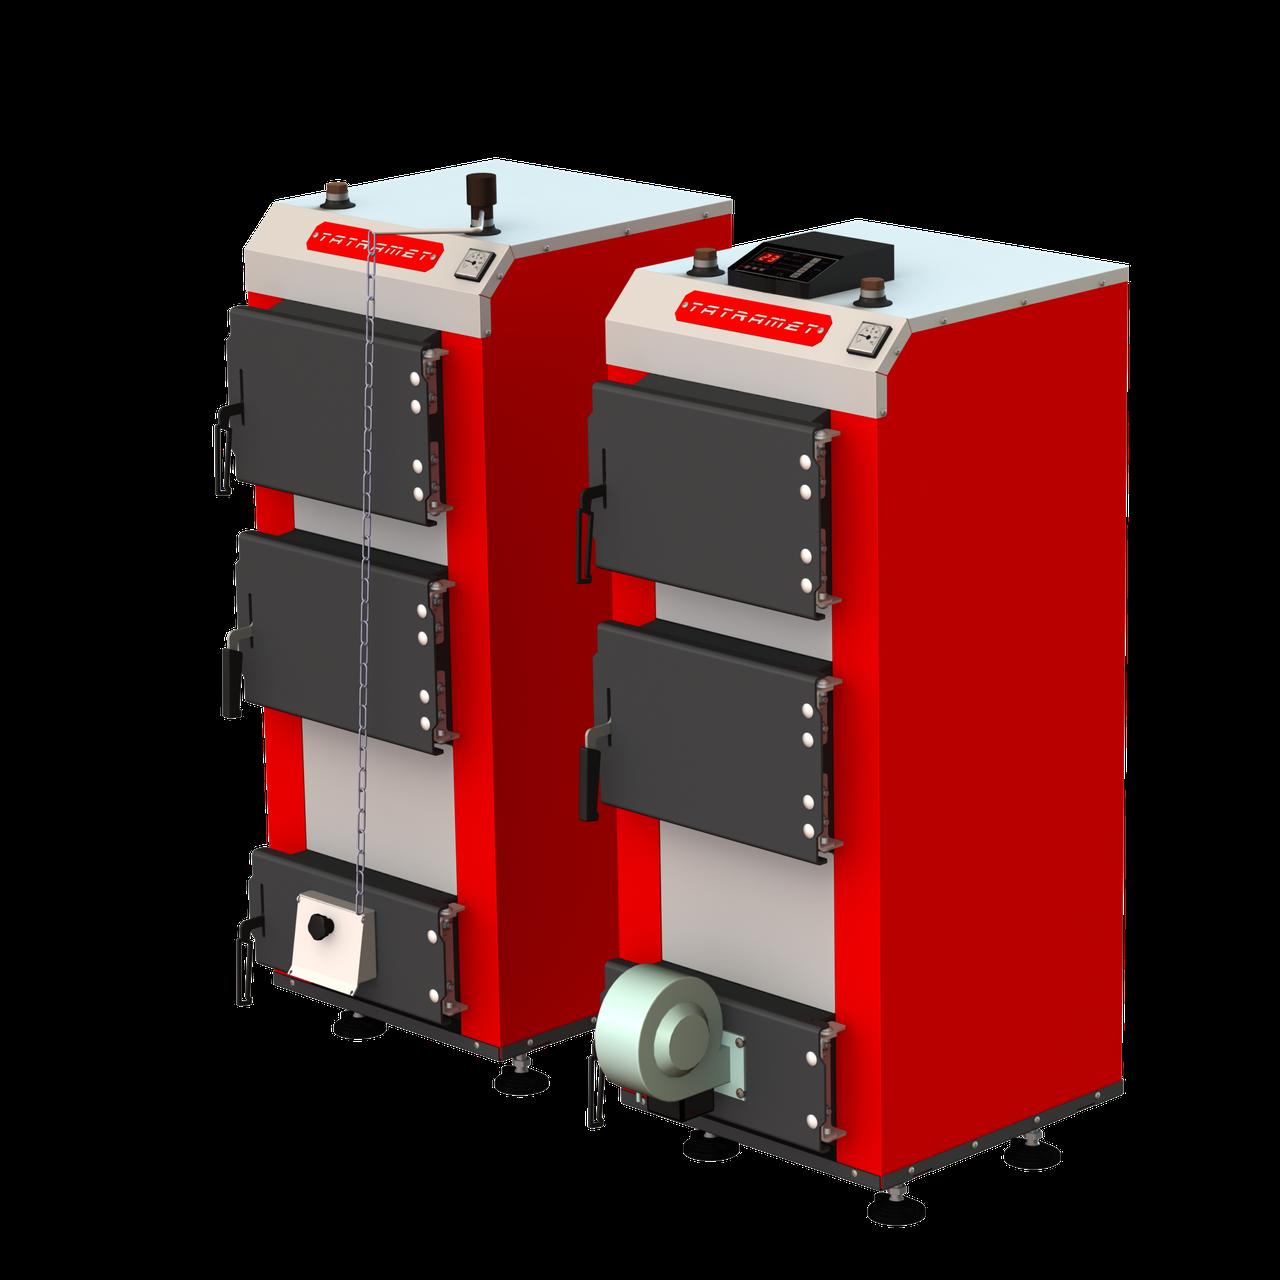 Отопительные бытовые твердотопливные котлы из стали TATRAMET SPARTAK KOMFORT  (СПАРТАК КОМФОРТ) 20 кВт